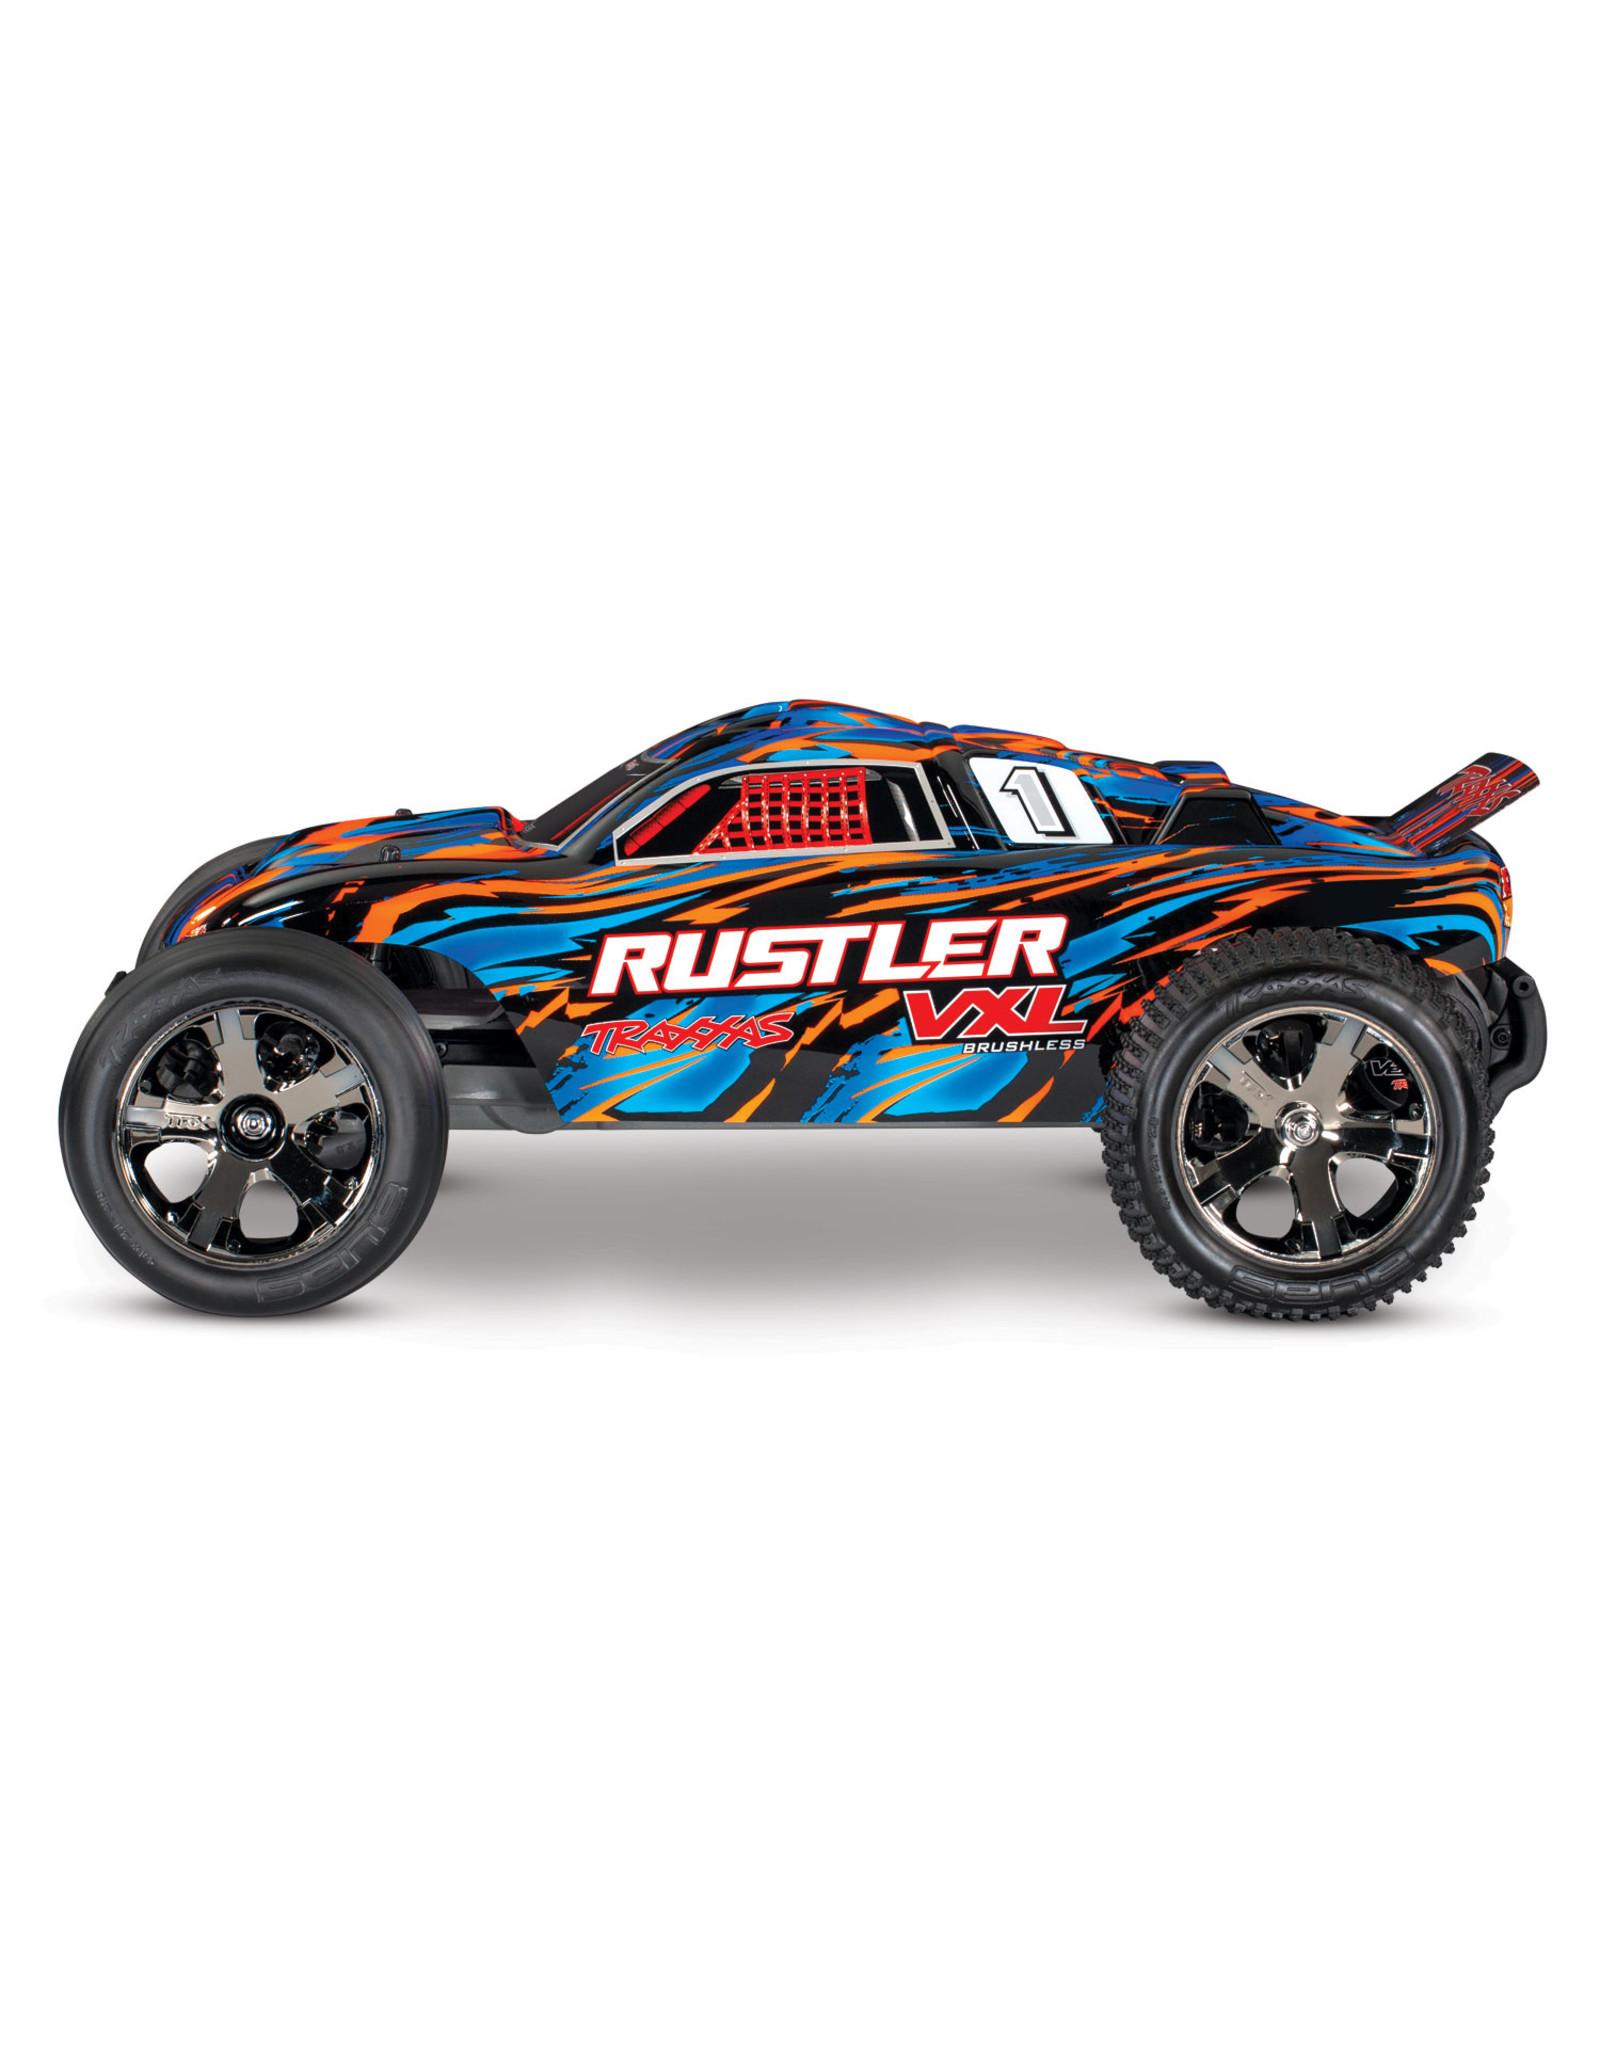 Traxxas 1/10 Rustler VXL RTR 2WD Brushless Stadium Truck - OrangeX